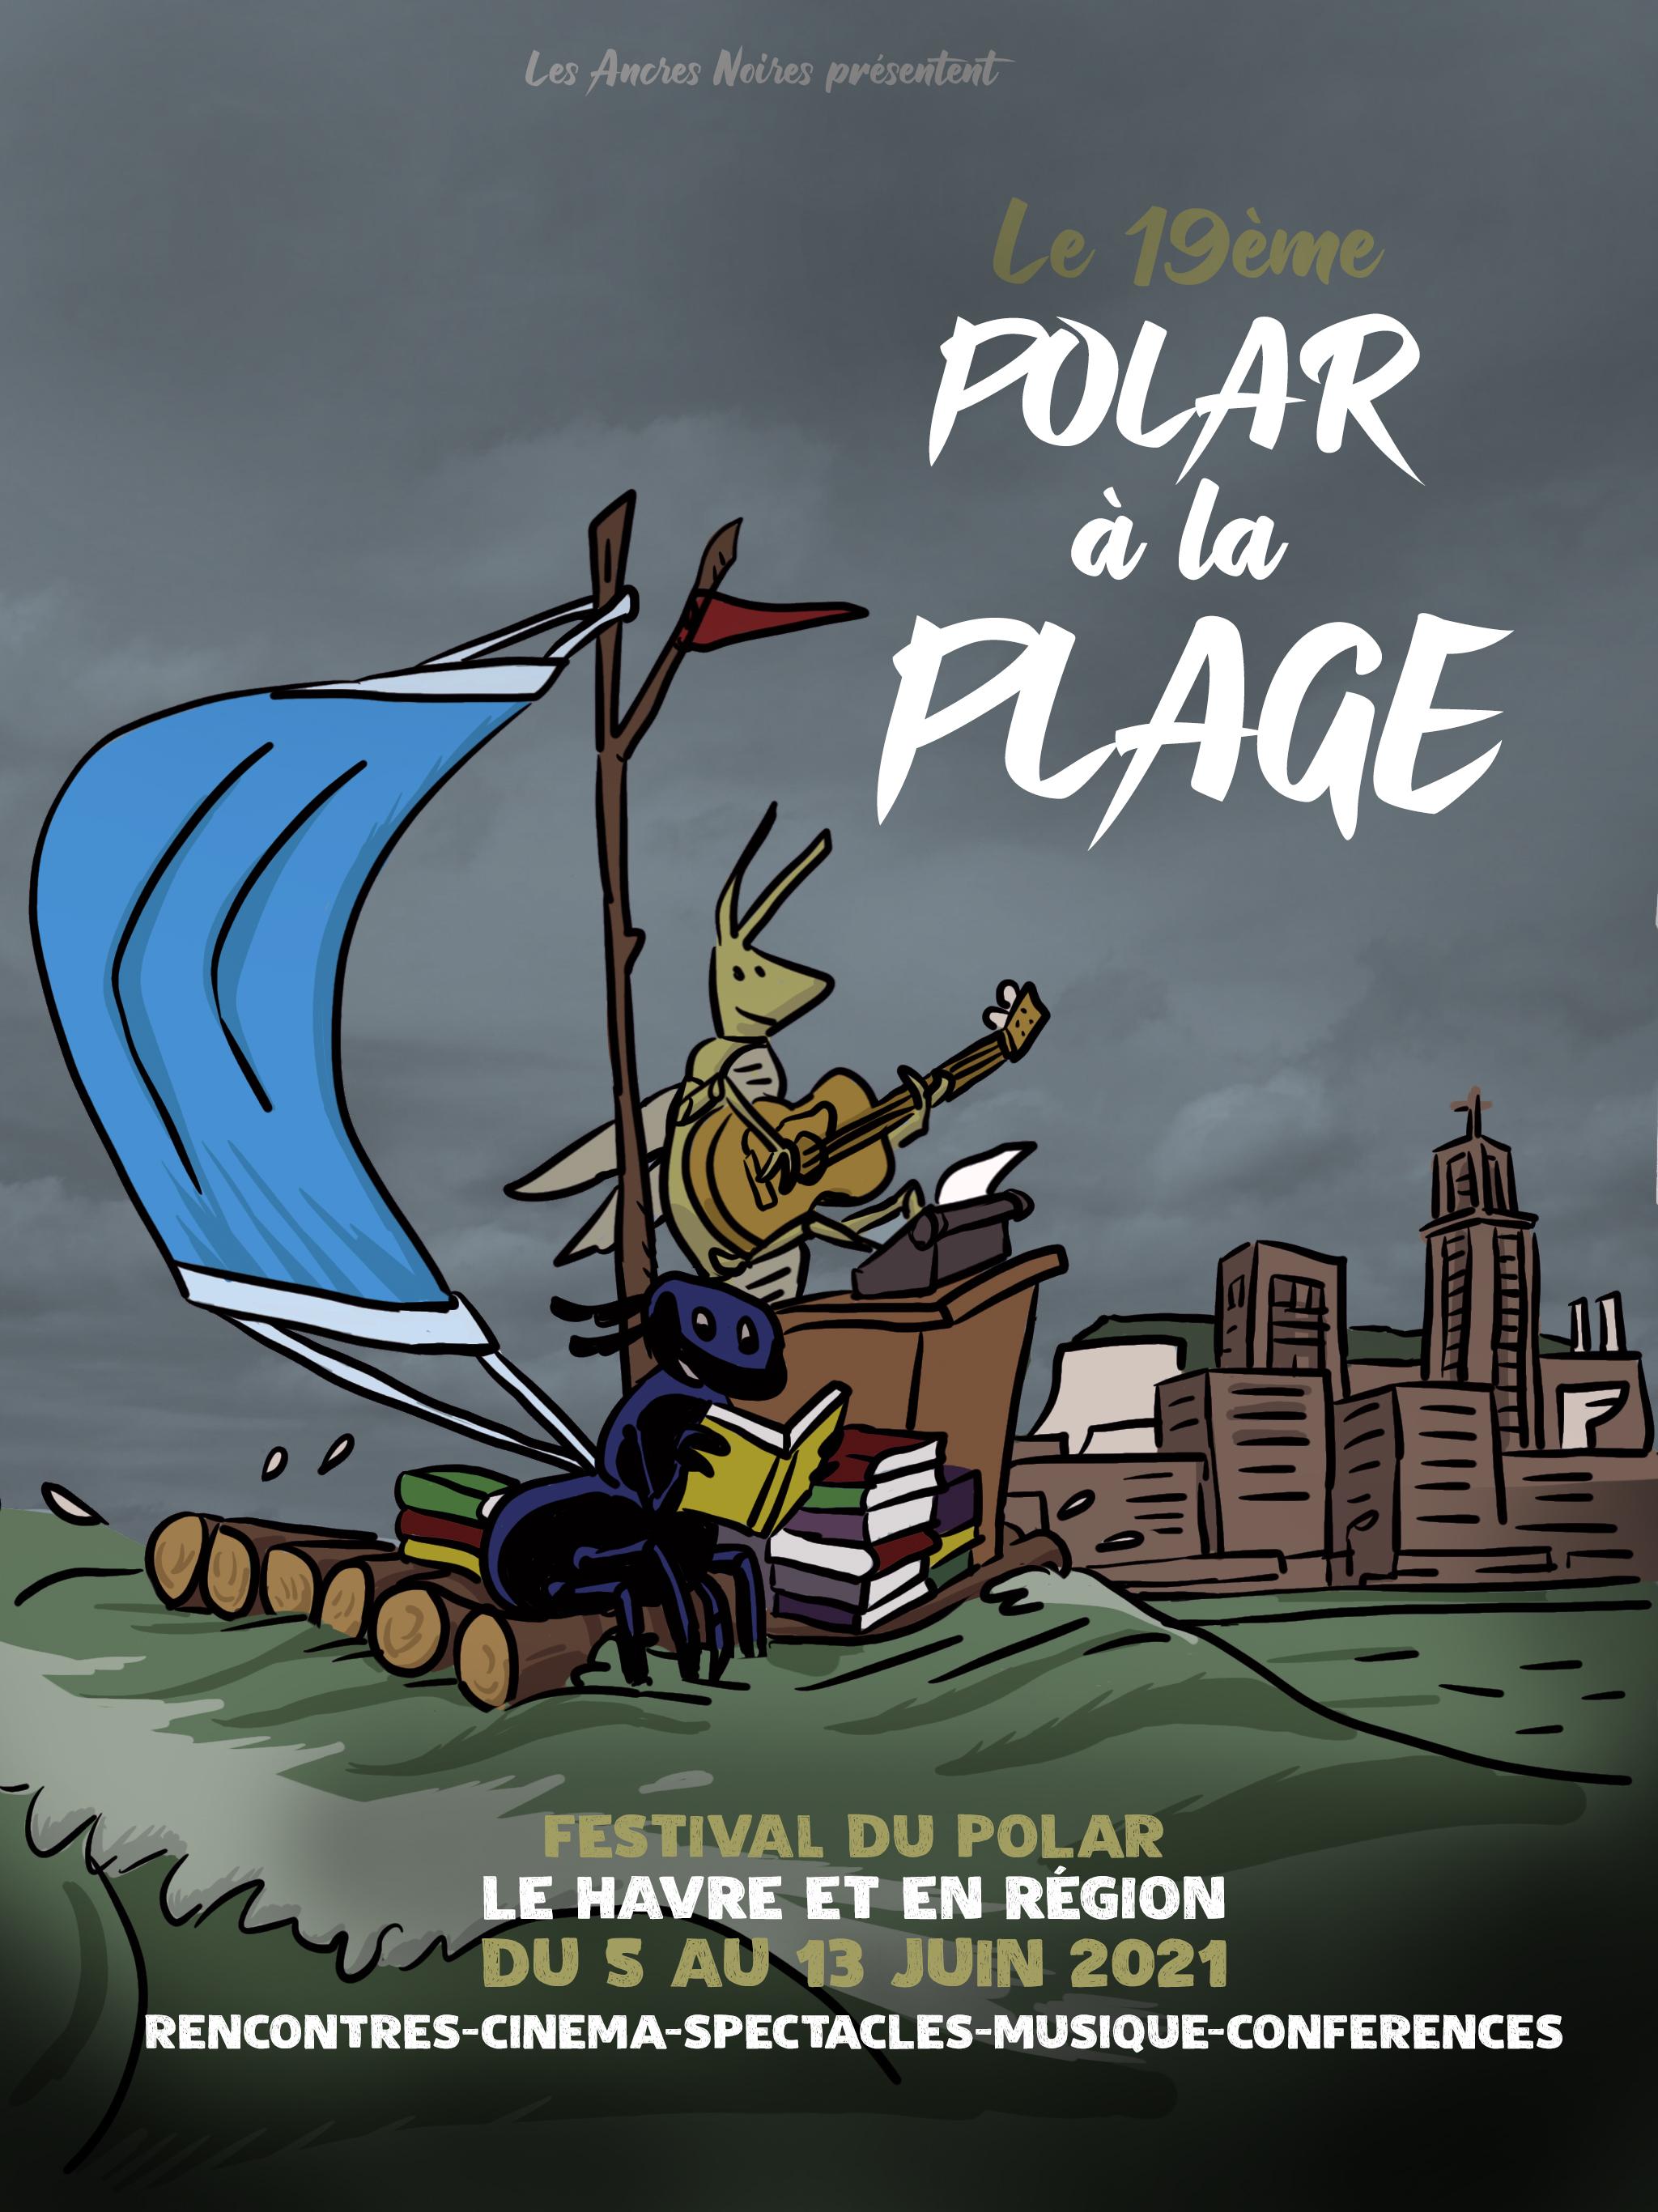 polar a la plage